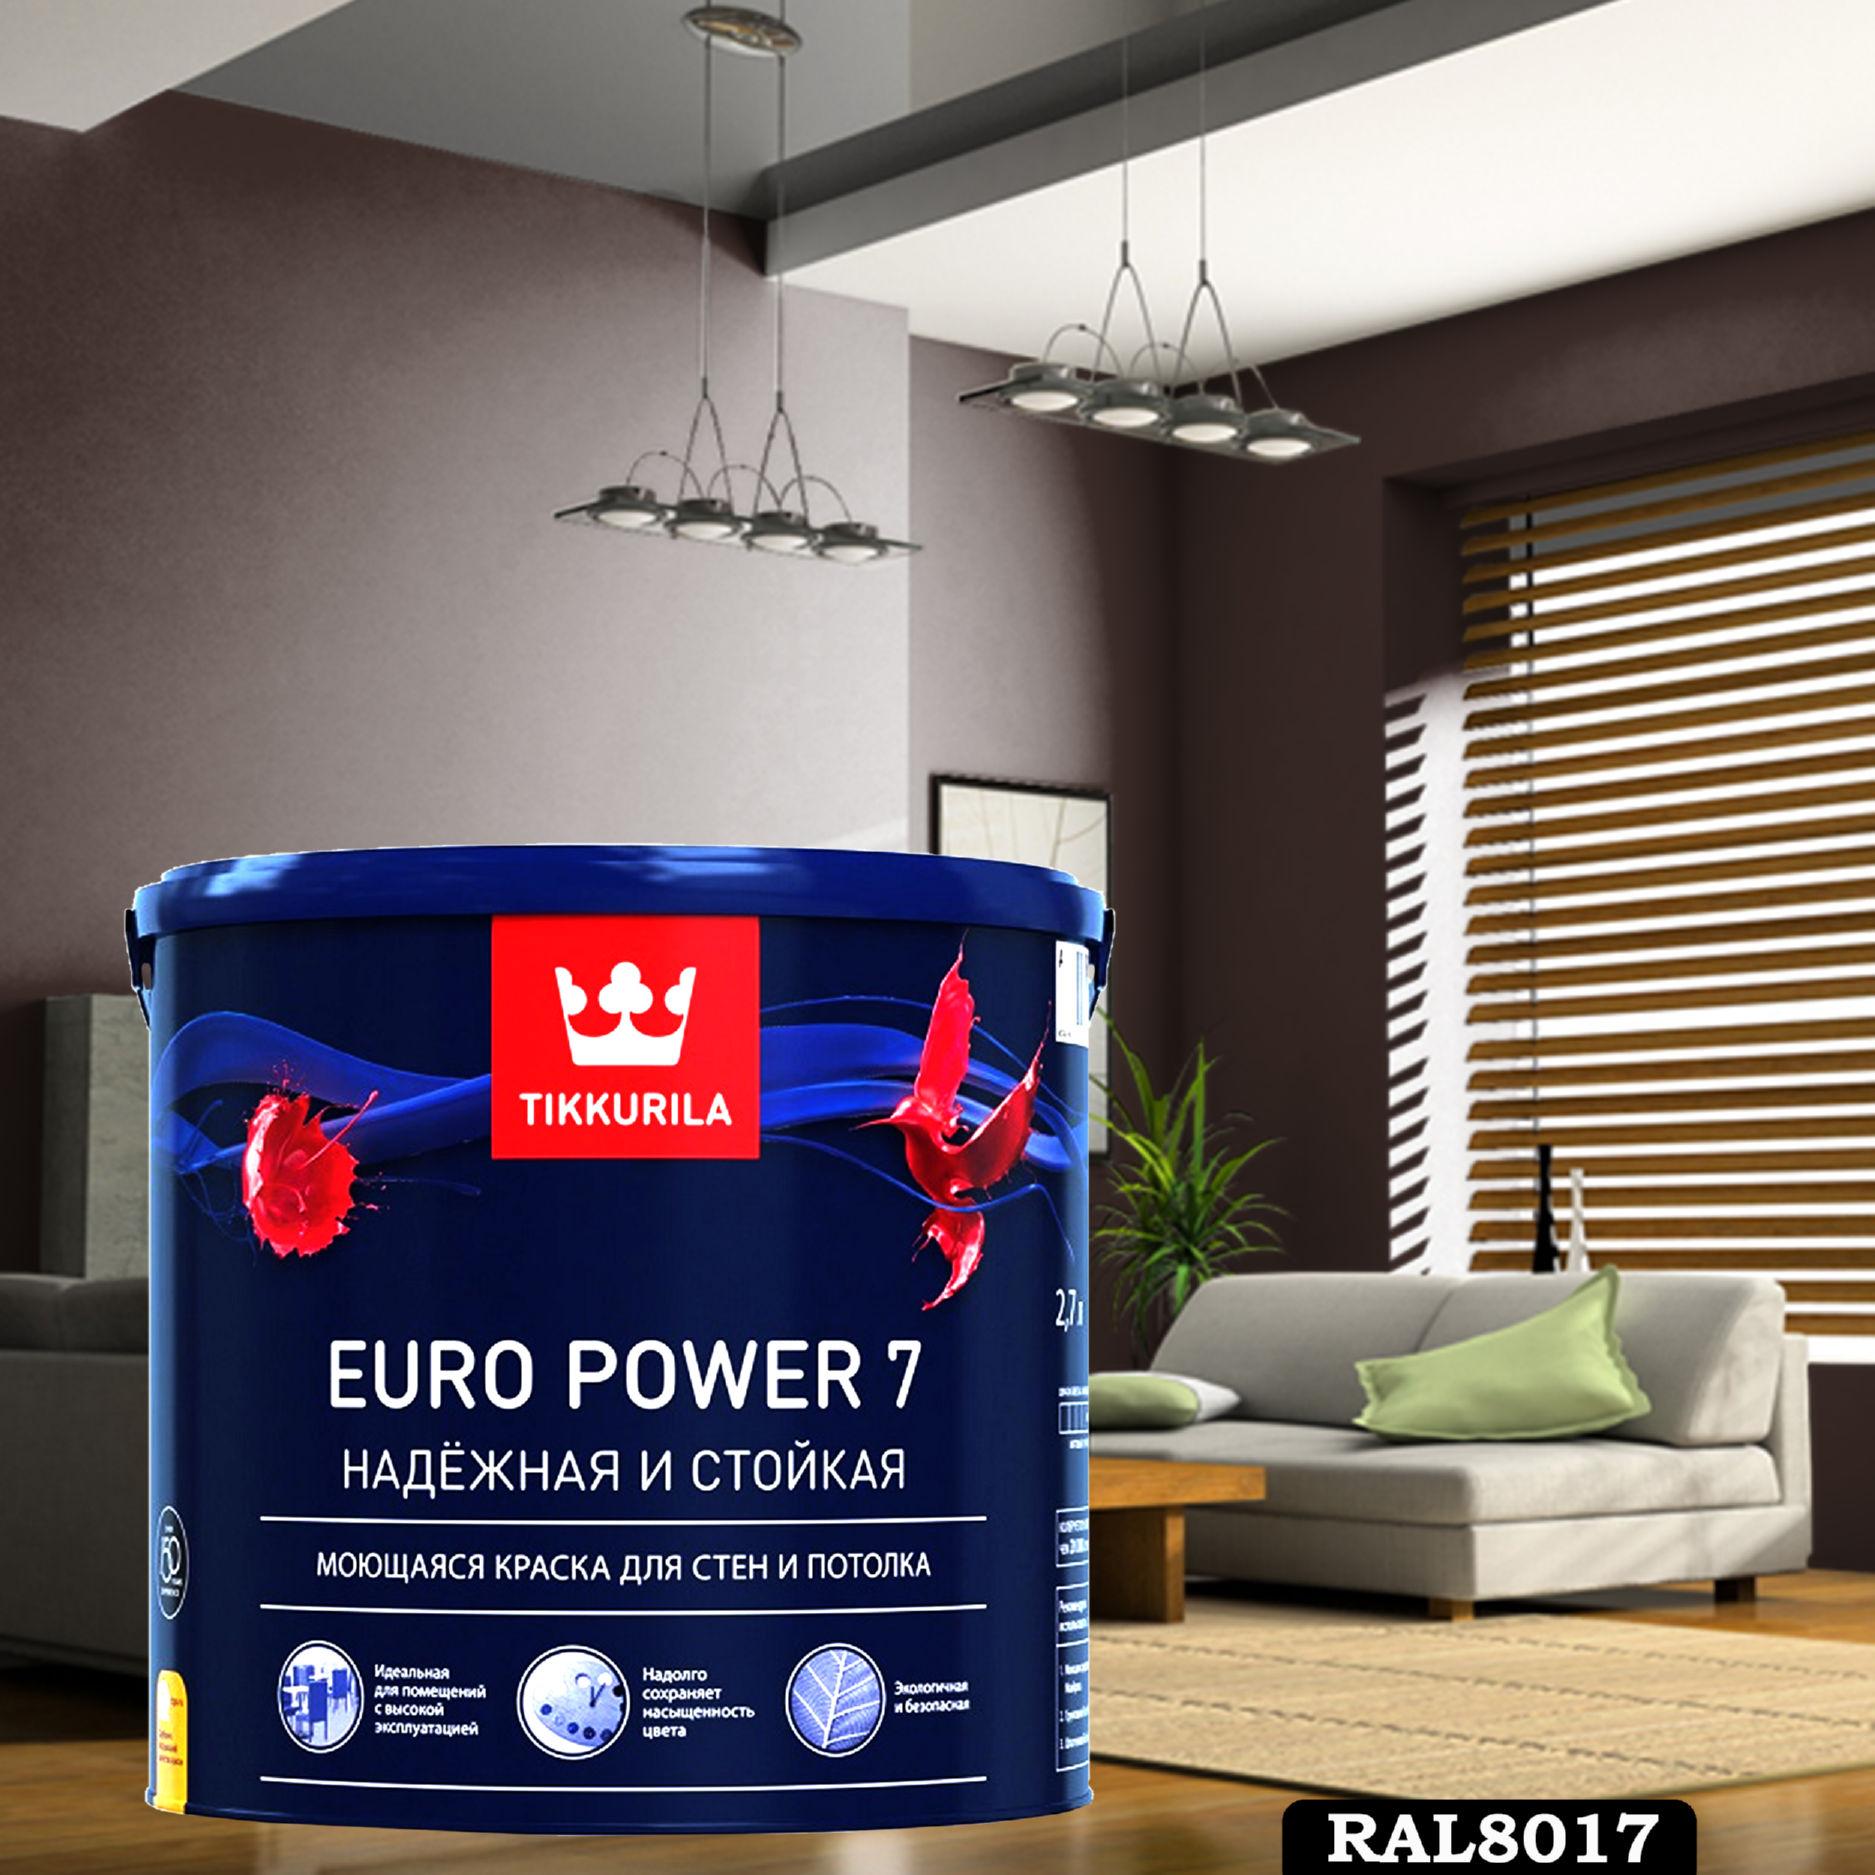 Фото 13 - Краска TIKKURILA Euro Power 7,  RAL 8017 Шоколадно-коричневый, латексная моющаяся матовая интерьерная, 9 л.